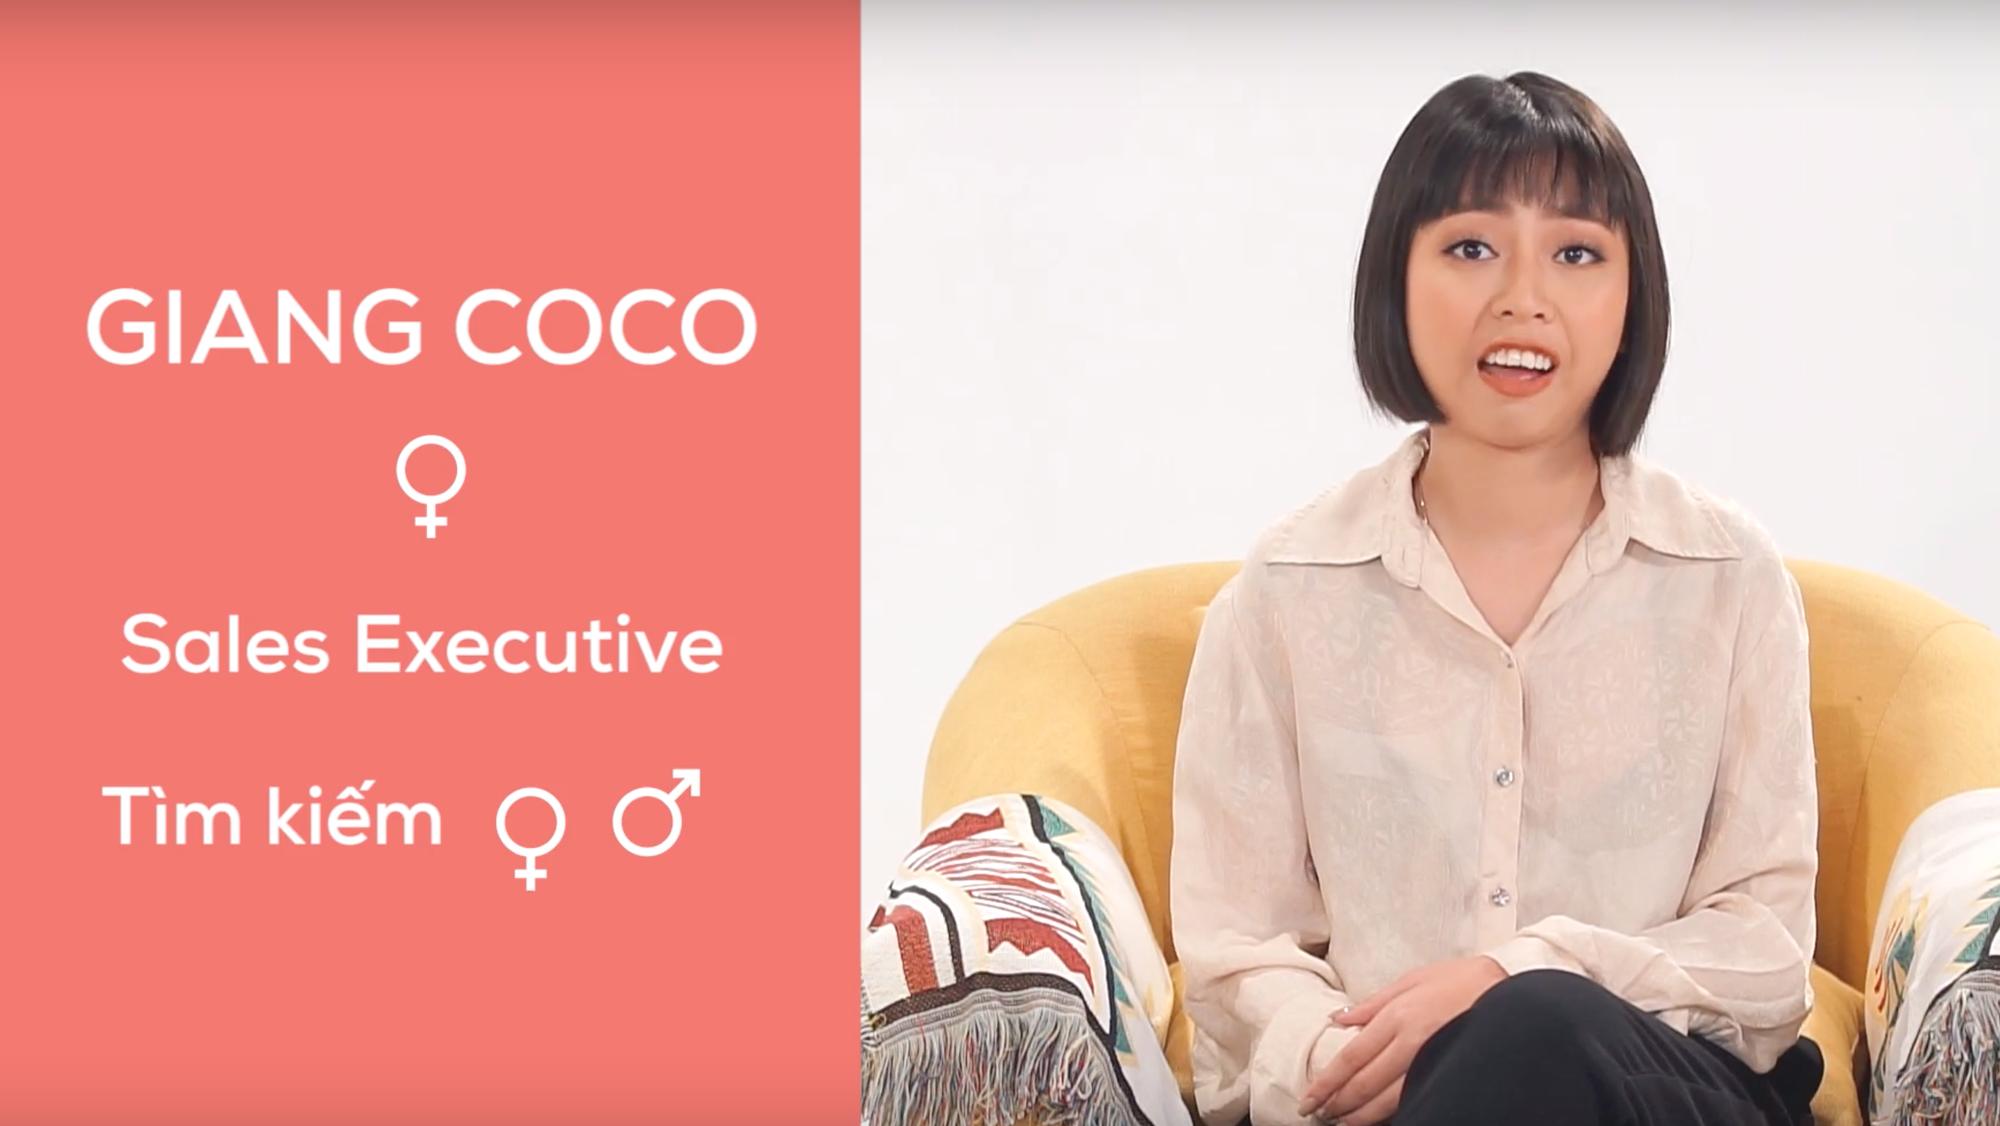 Tham gia show hẹn hò của người Việt, cô gái khiến ai nấy xoắn não với những câu nói nửa Tây nửa ta - Ảnh 2.